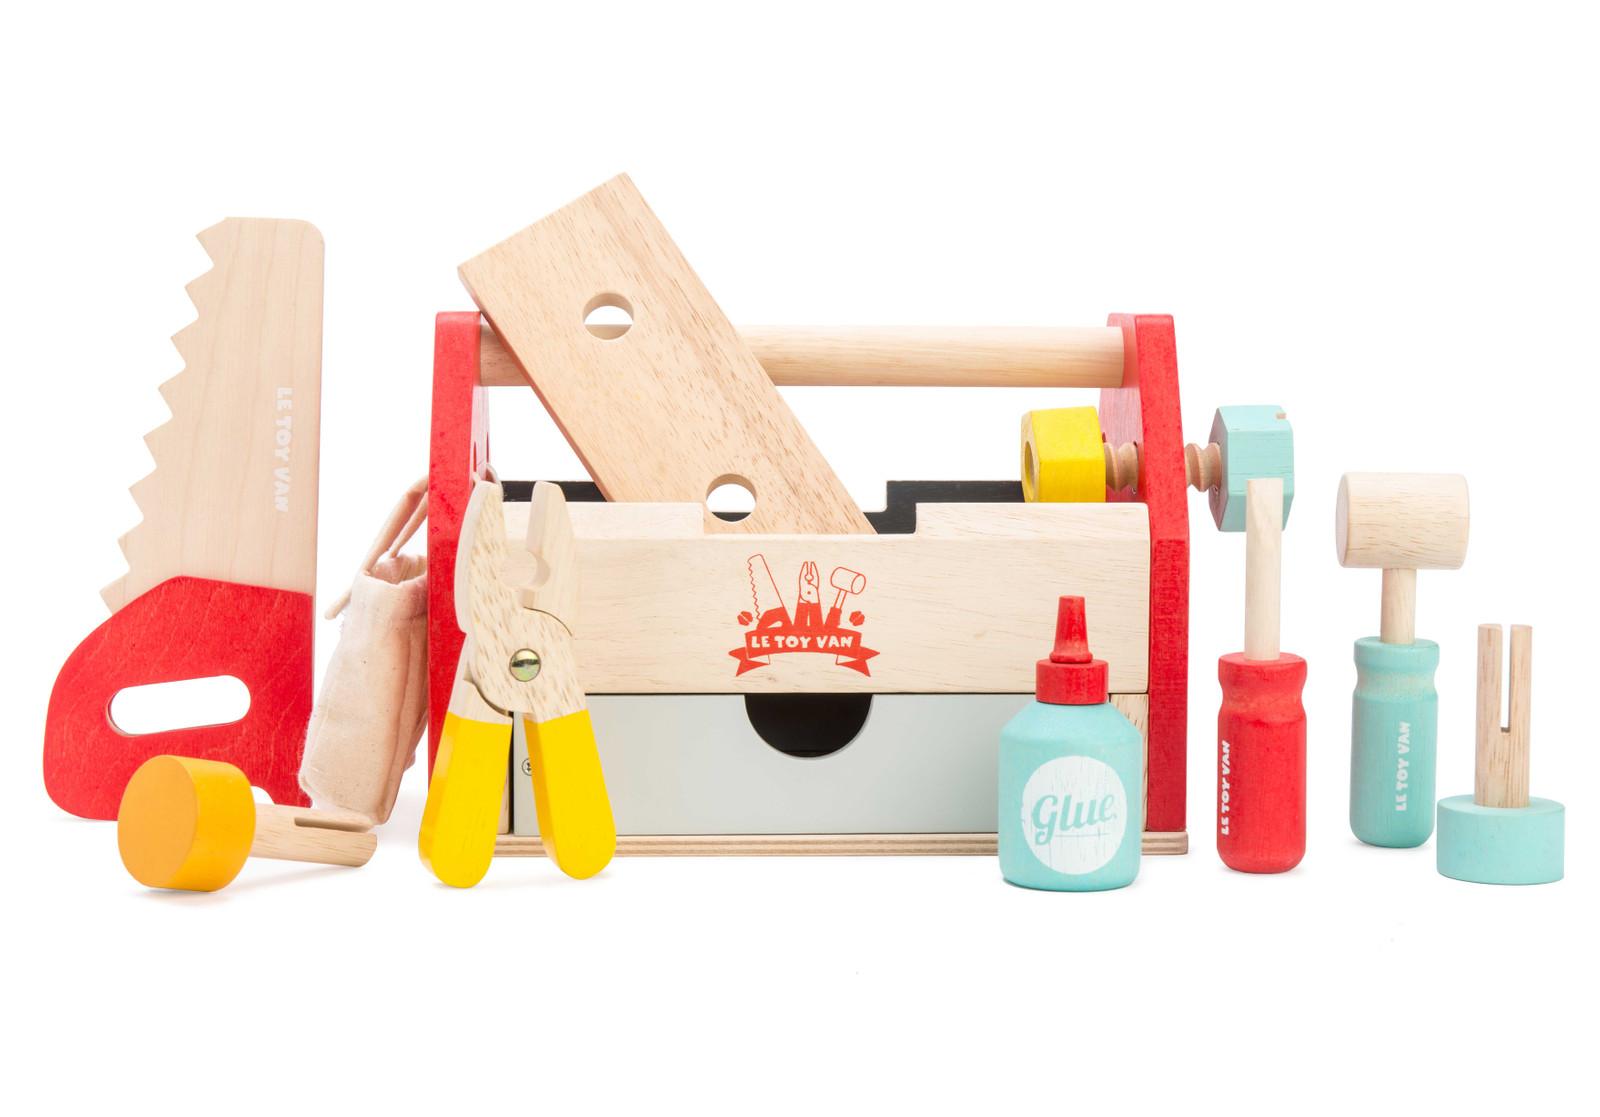 werkzeugkasten mit schublade werkzeug material holz farbe natur rot hellblau gelb. Black Bedroom Furniture Sets. Home Design Ideas